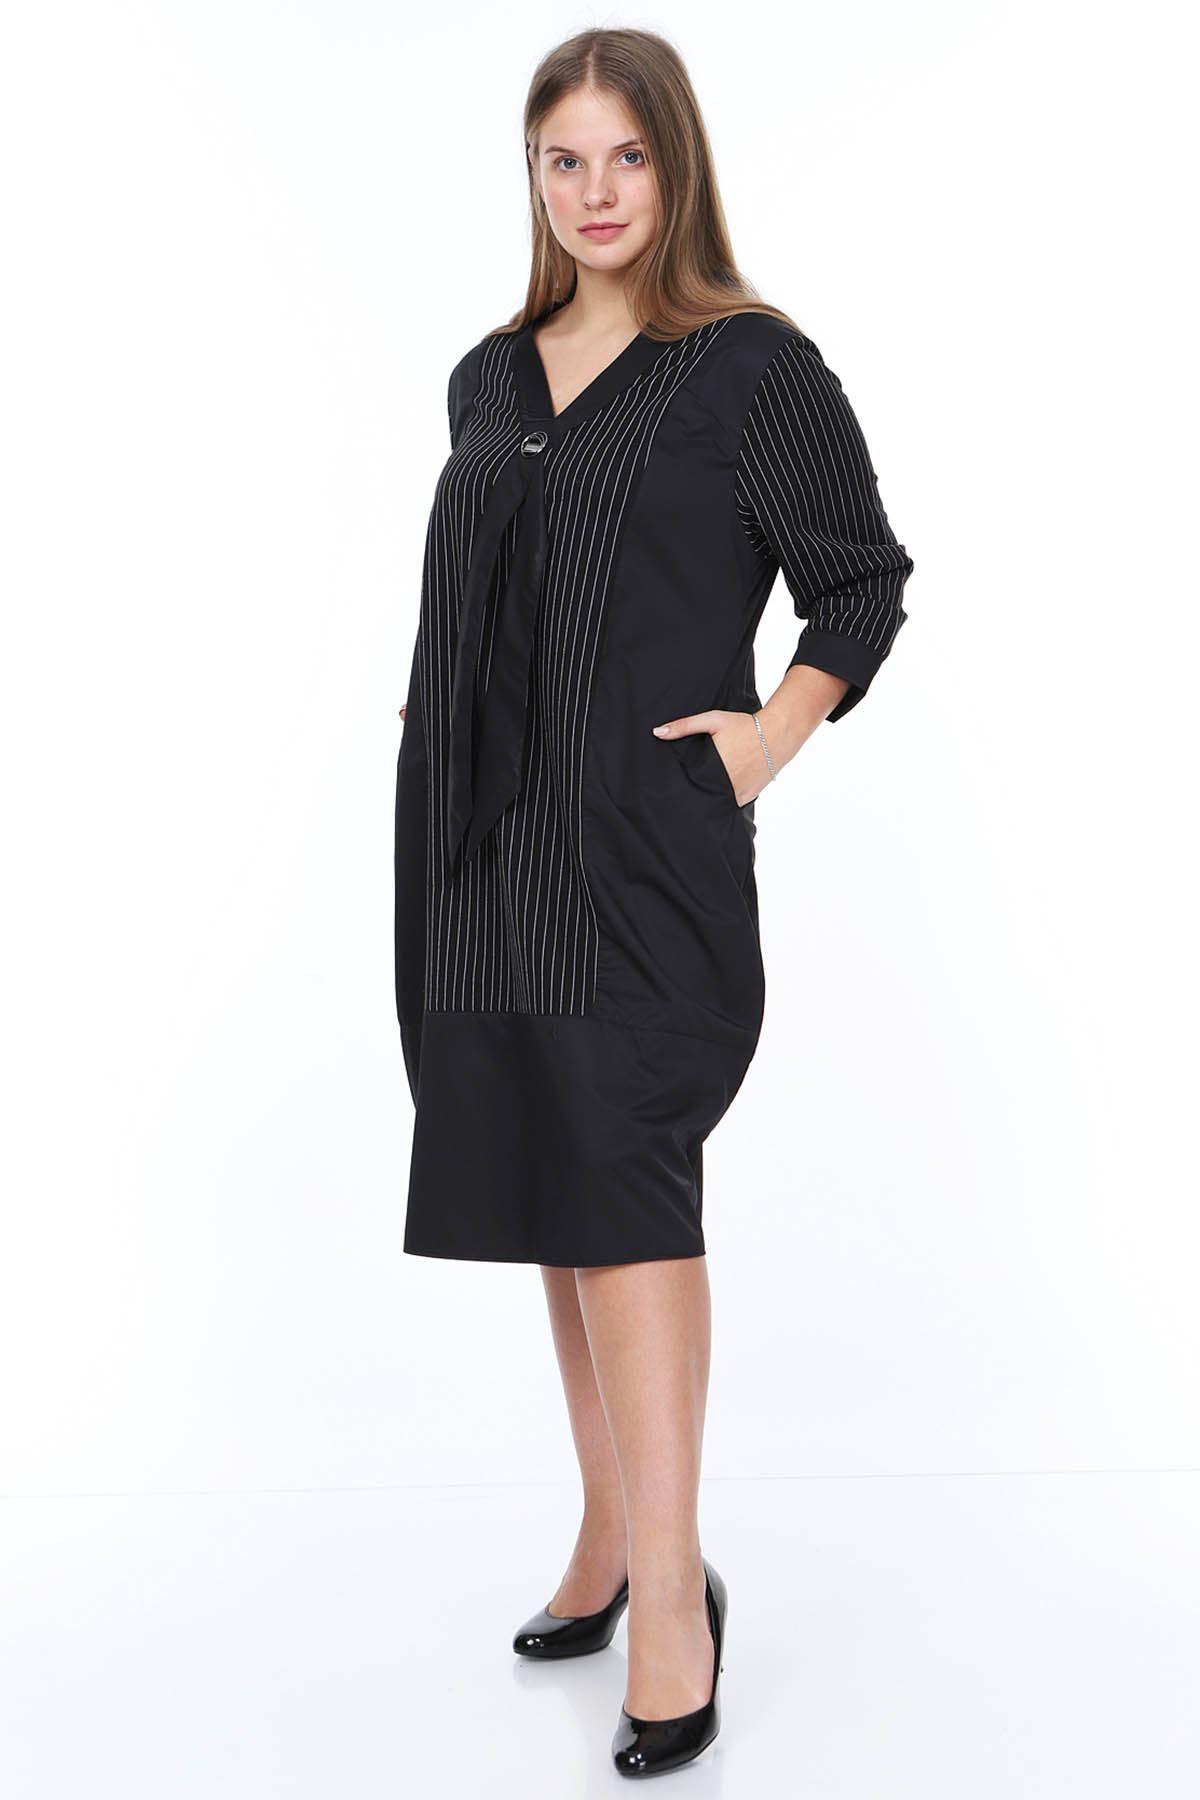 Siyah Çizgili Büyük Beden Elbise 20Y-0876